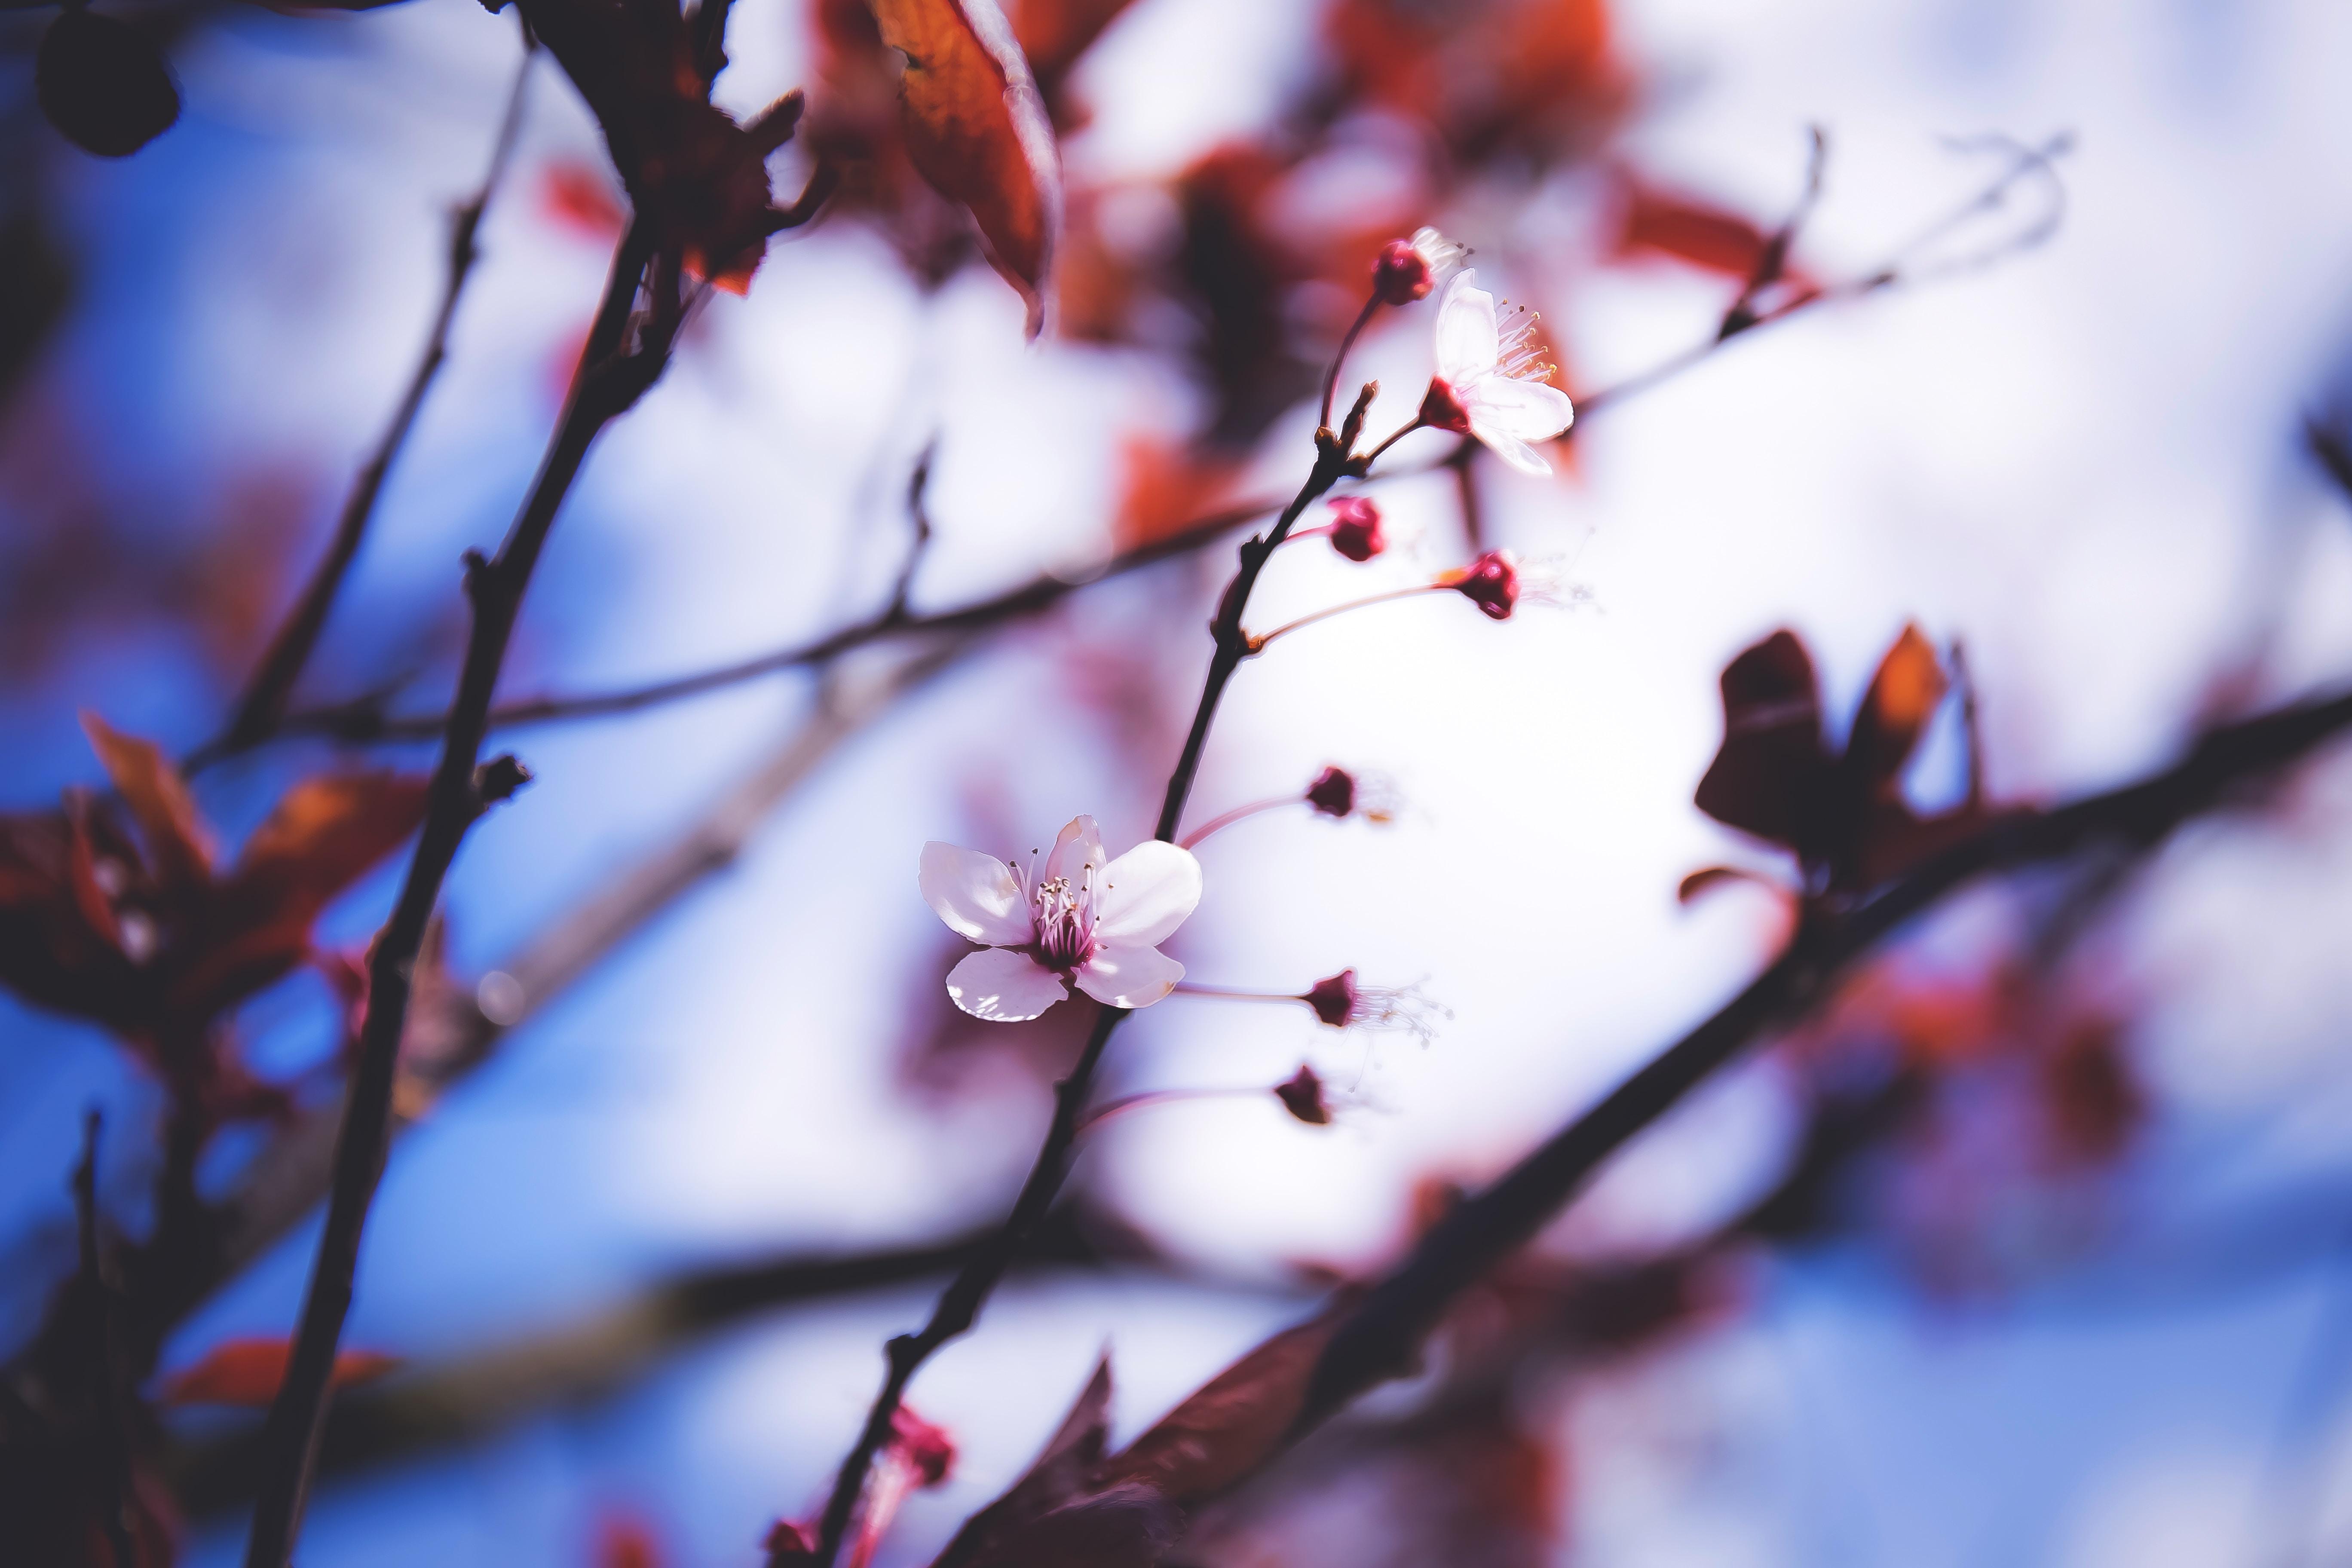 depth of field of white petaled flower